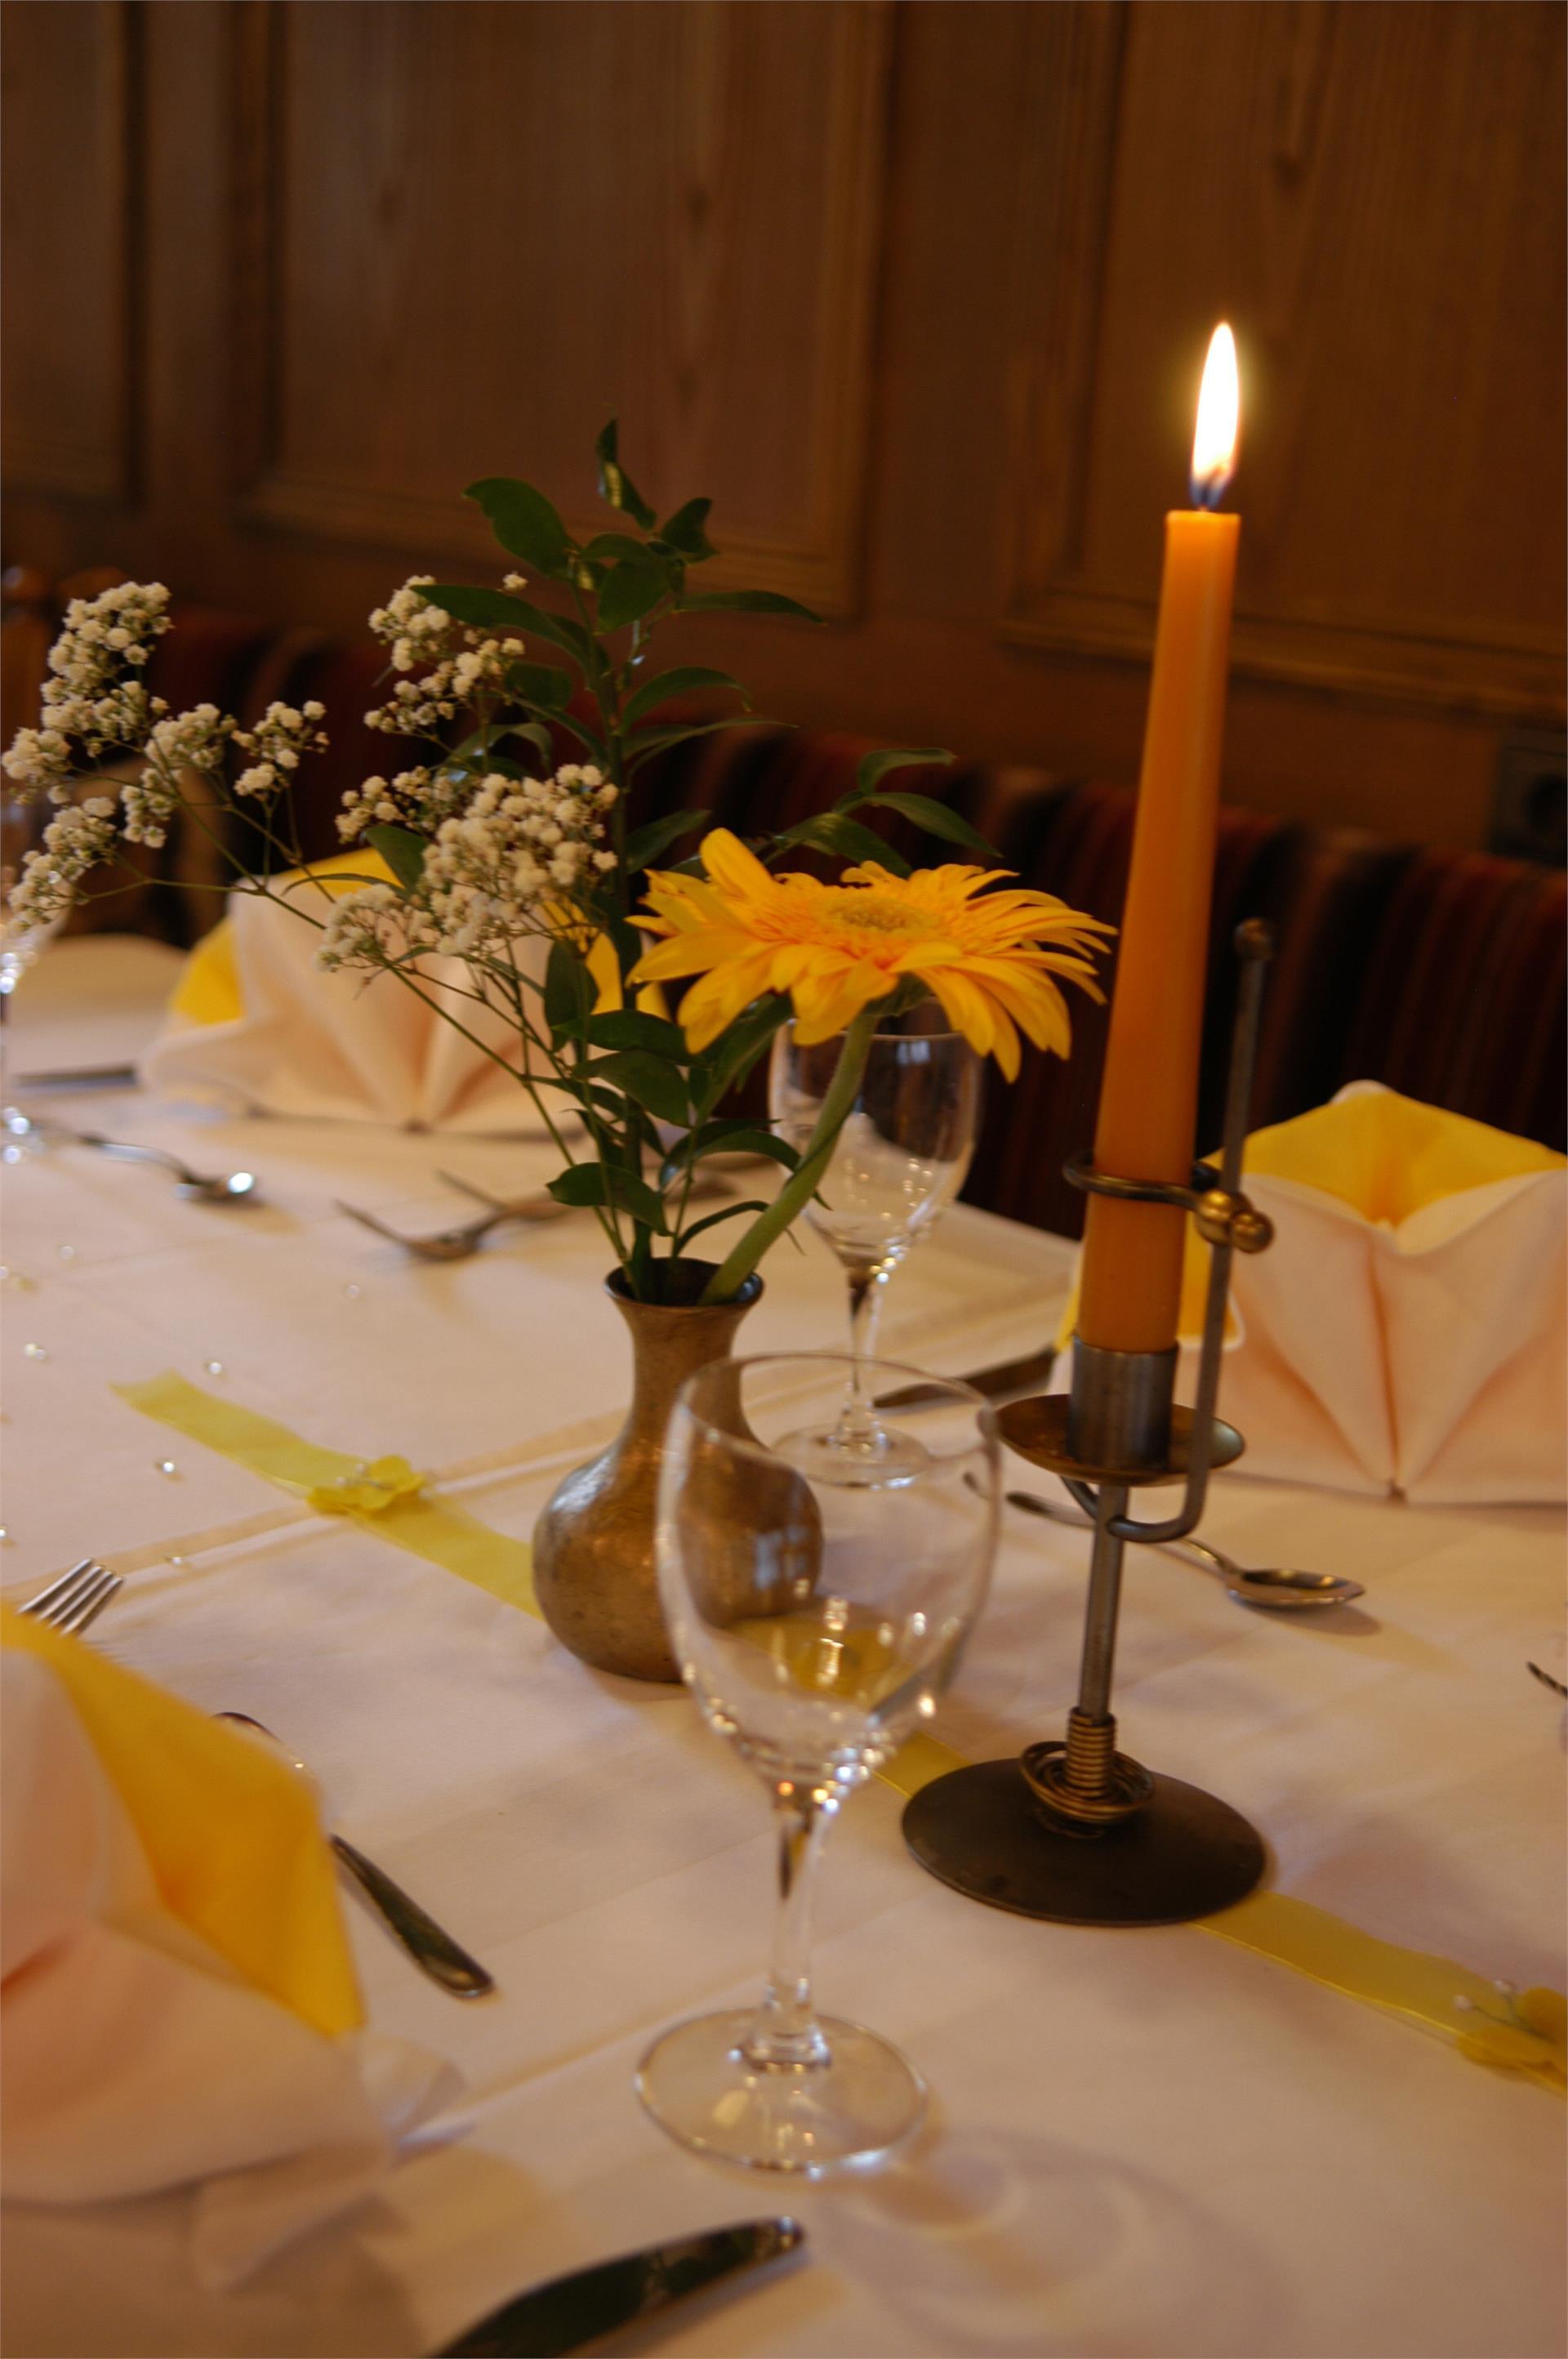 Abendessen bei Kerzenlicht